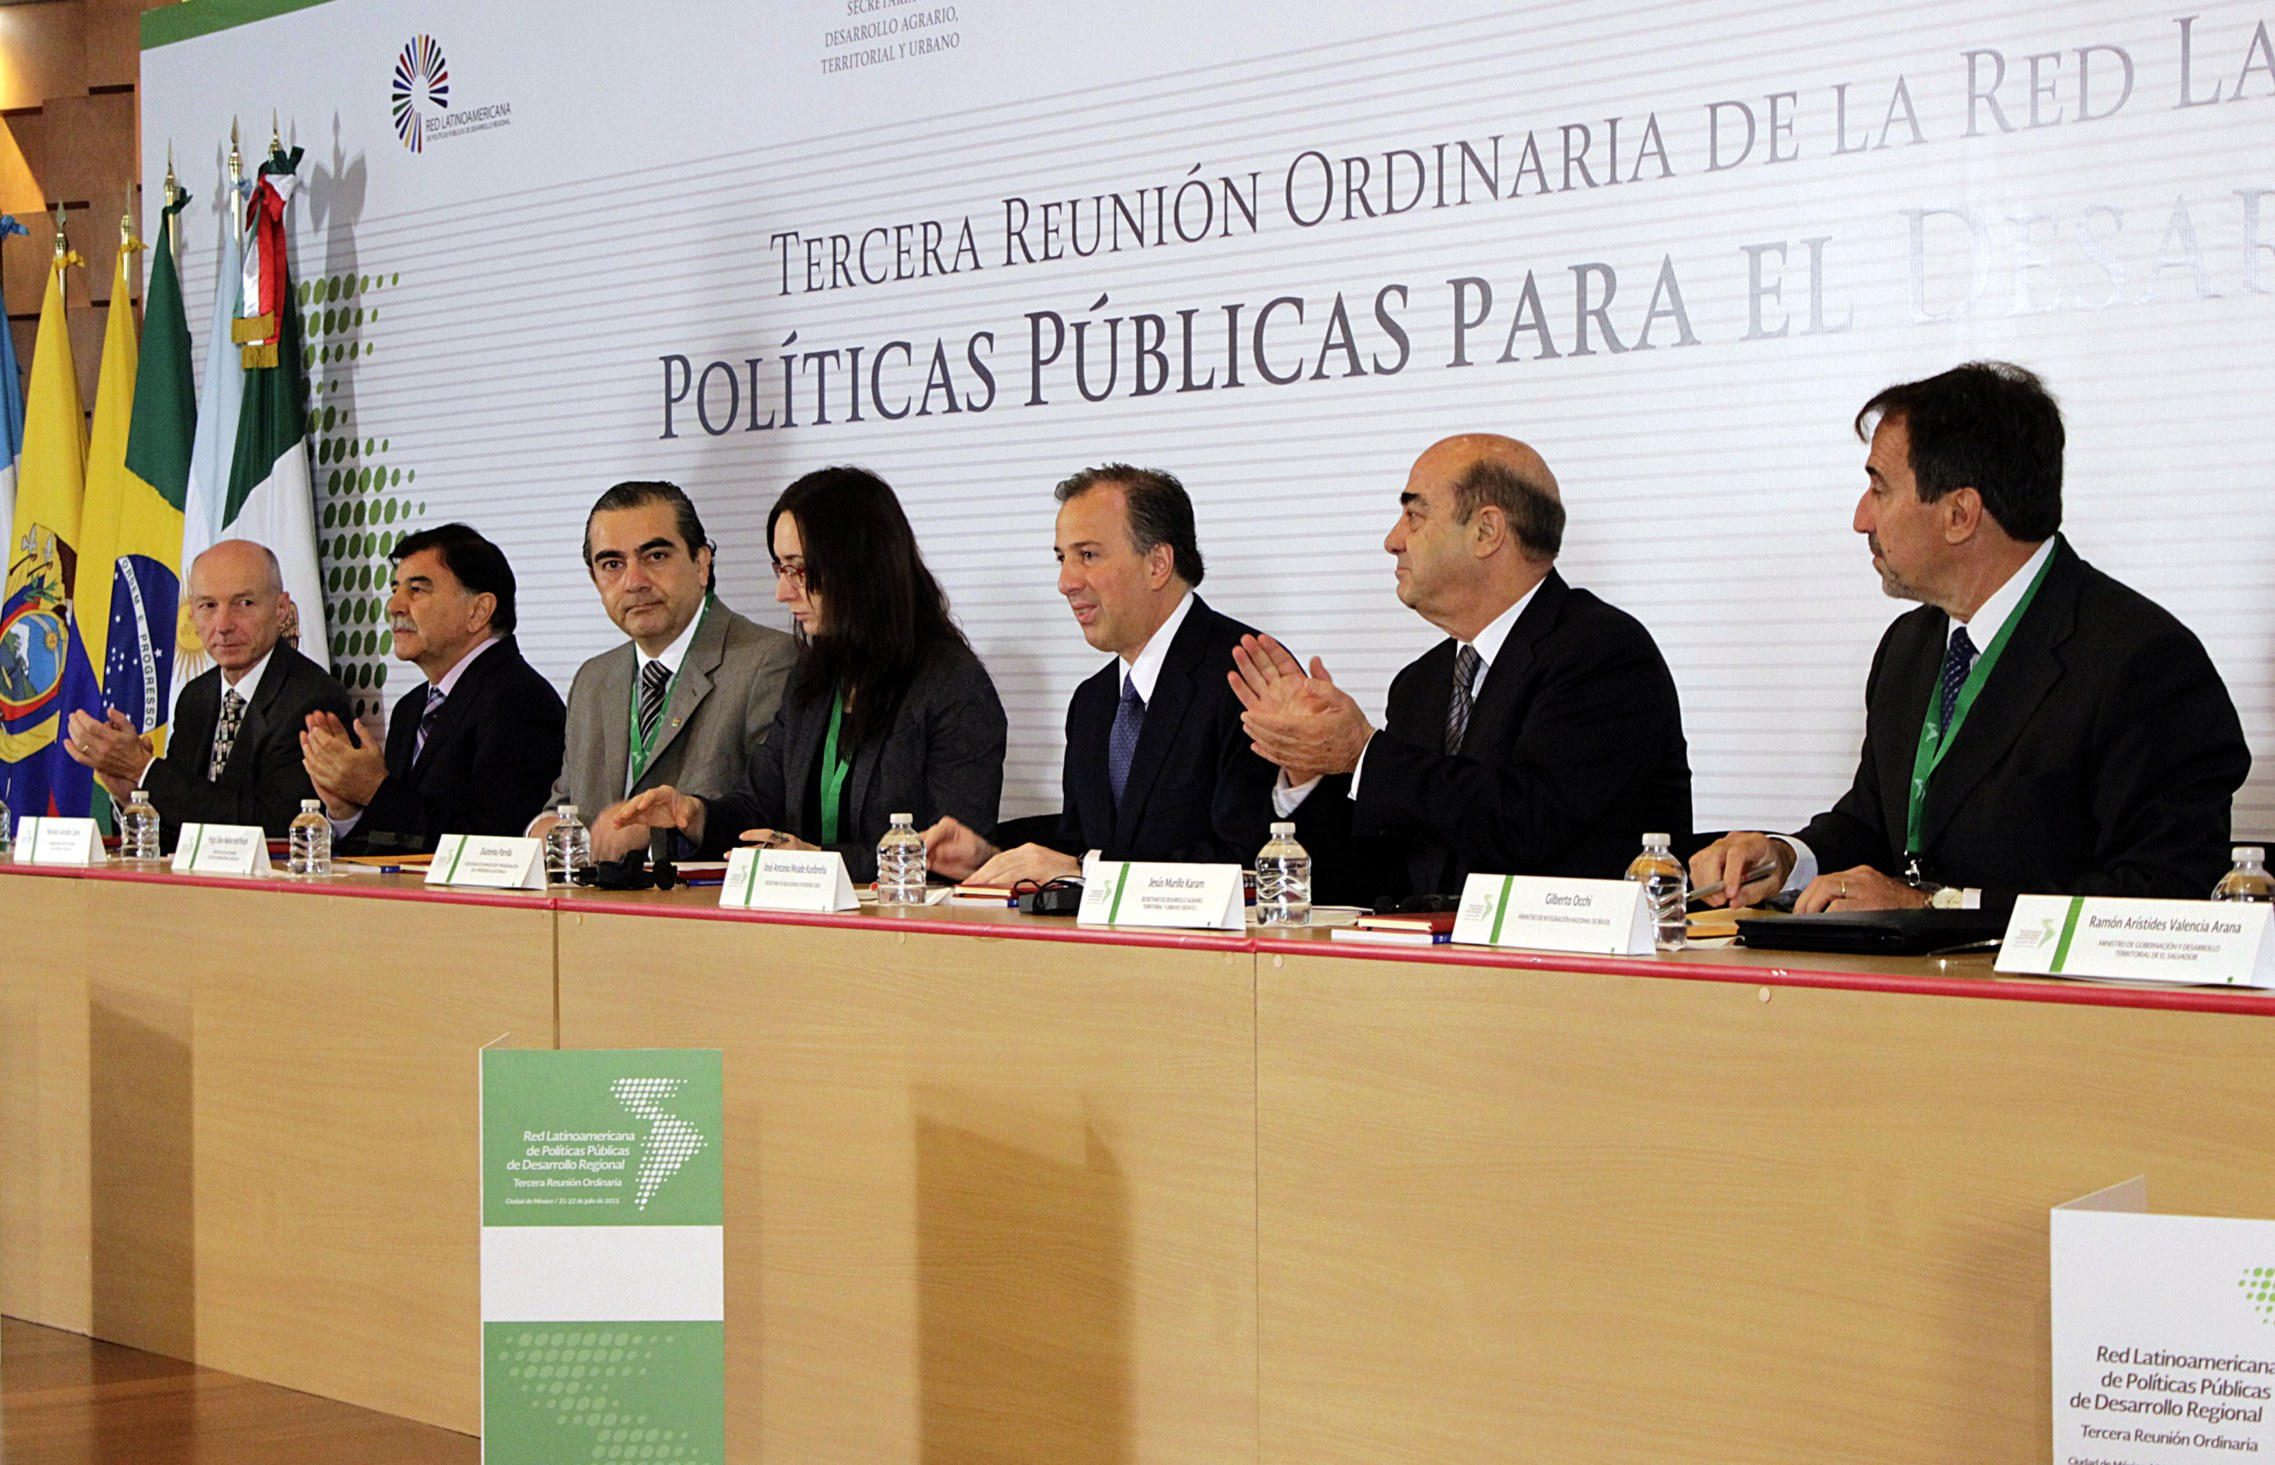 Canciller José Antonio Meade en la Tercera Reunión Ordinaria de la Red Latinoamericana de Políticas Públicas de Desarrollo Regional